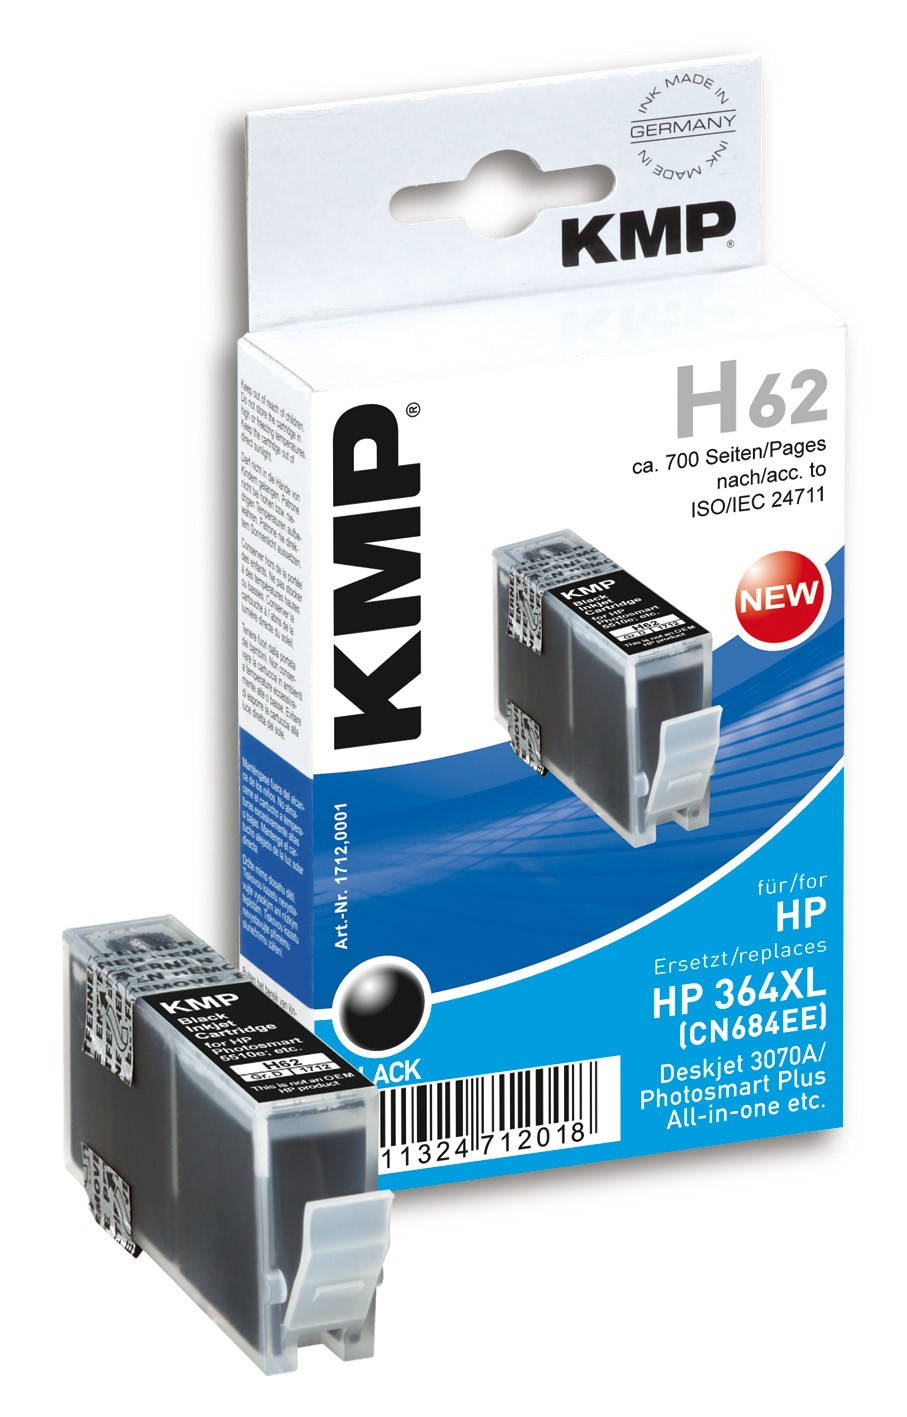 KMP 1712,0001